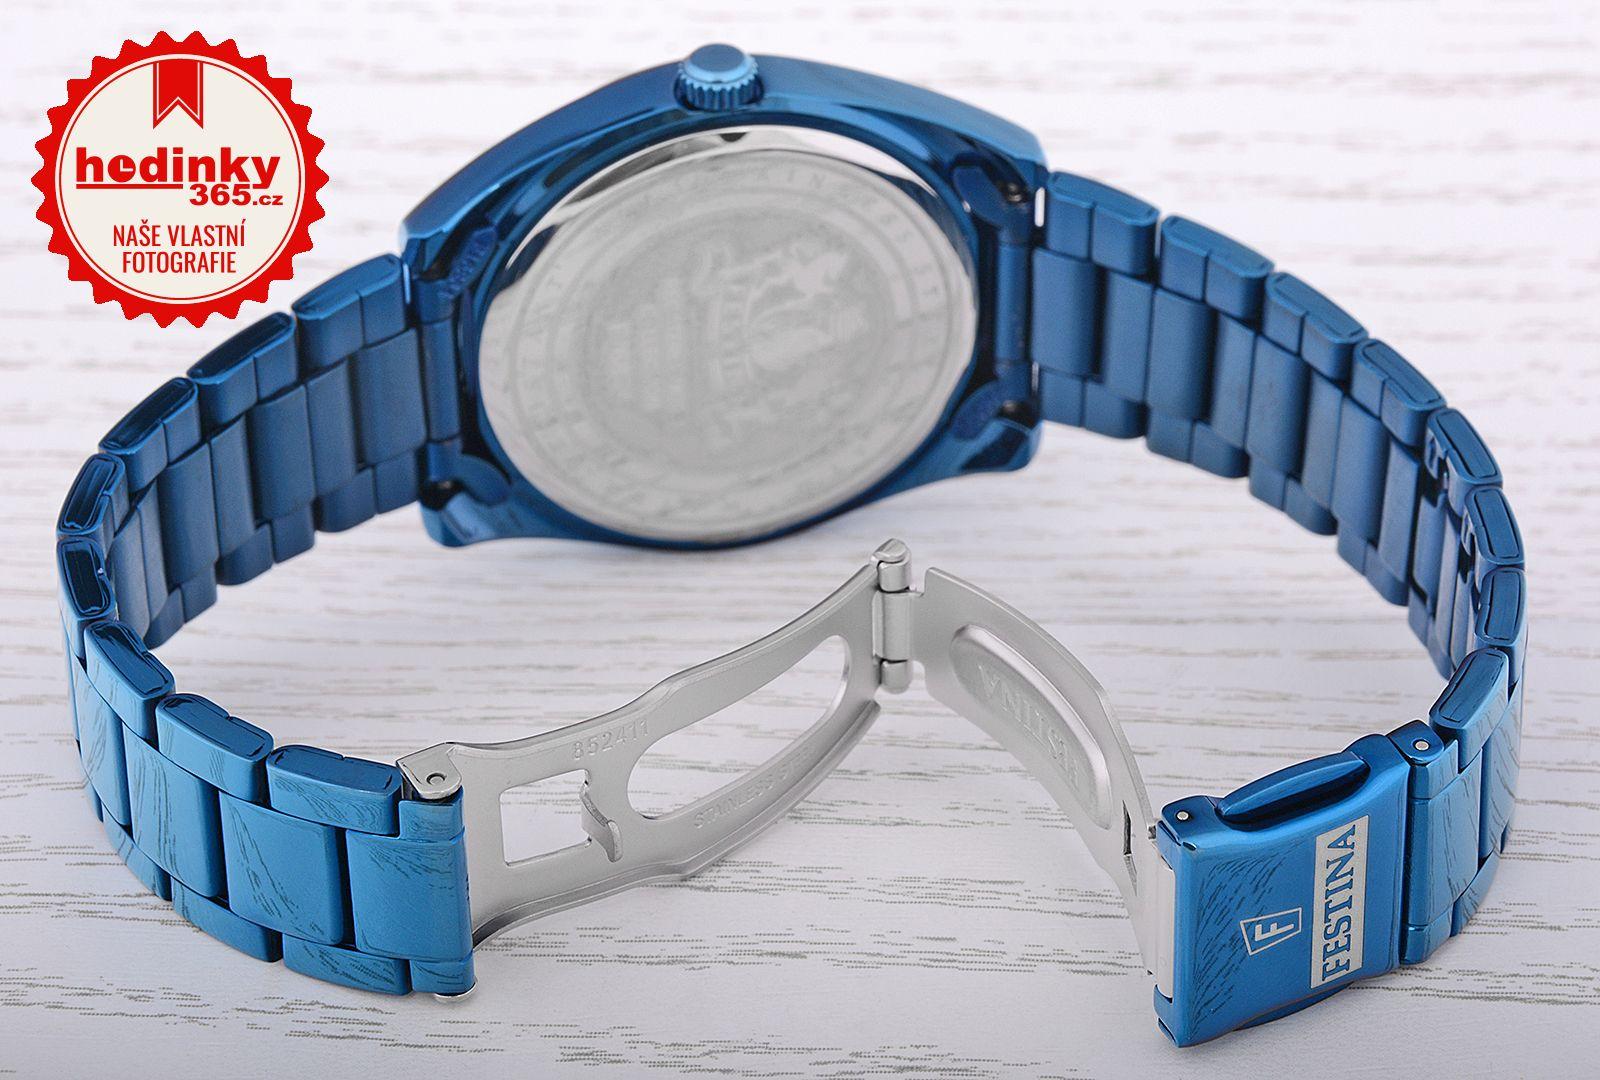 hodinky som dostal háčik online zadarmo viooz